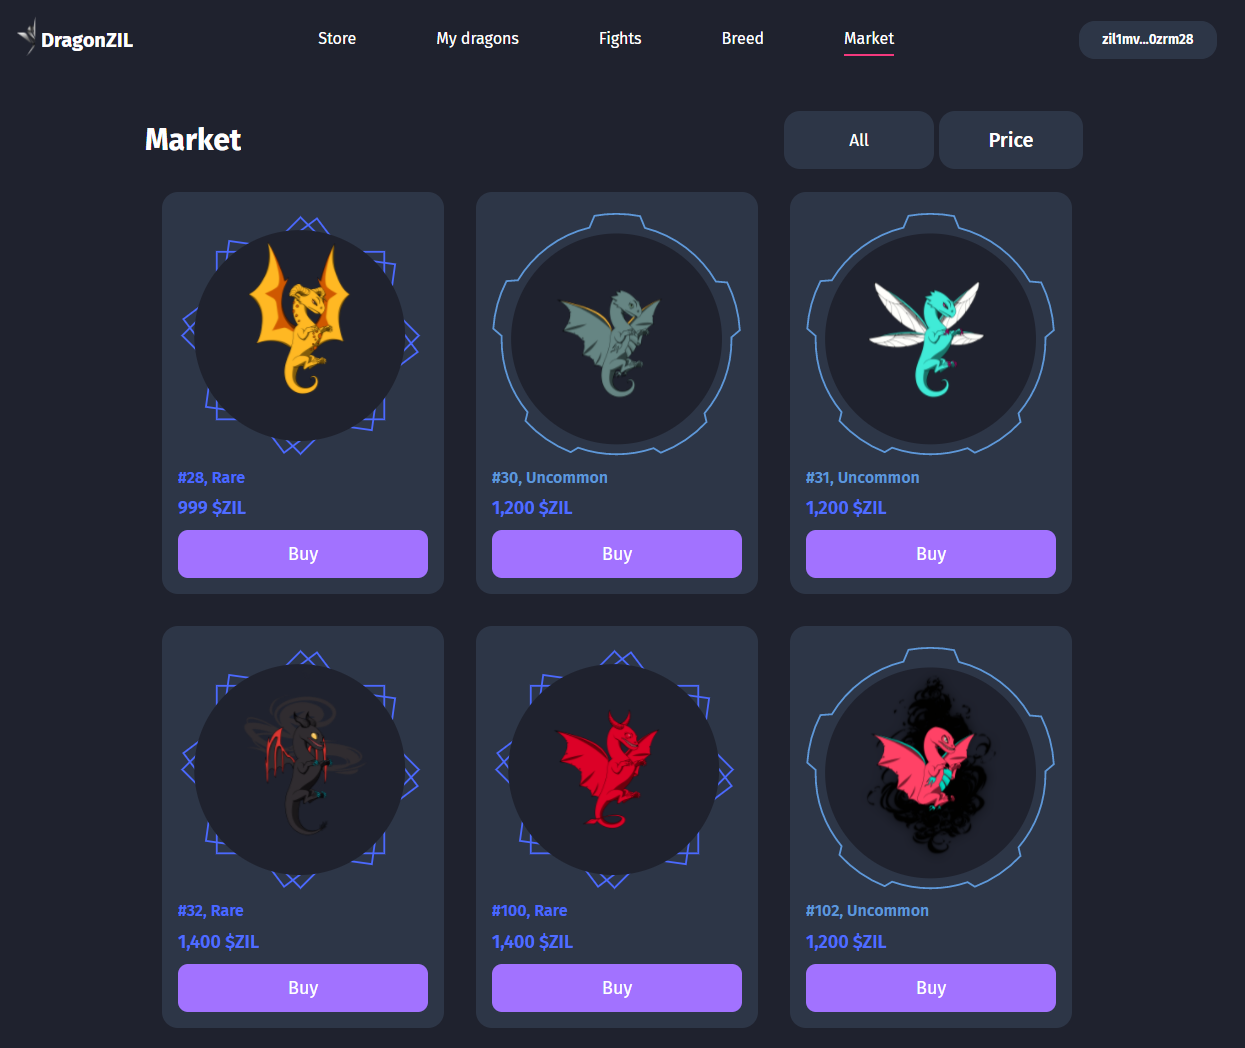 dragonzil_3_market.PNG